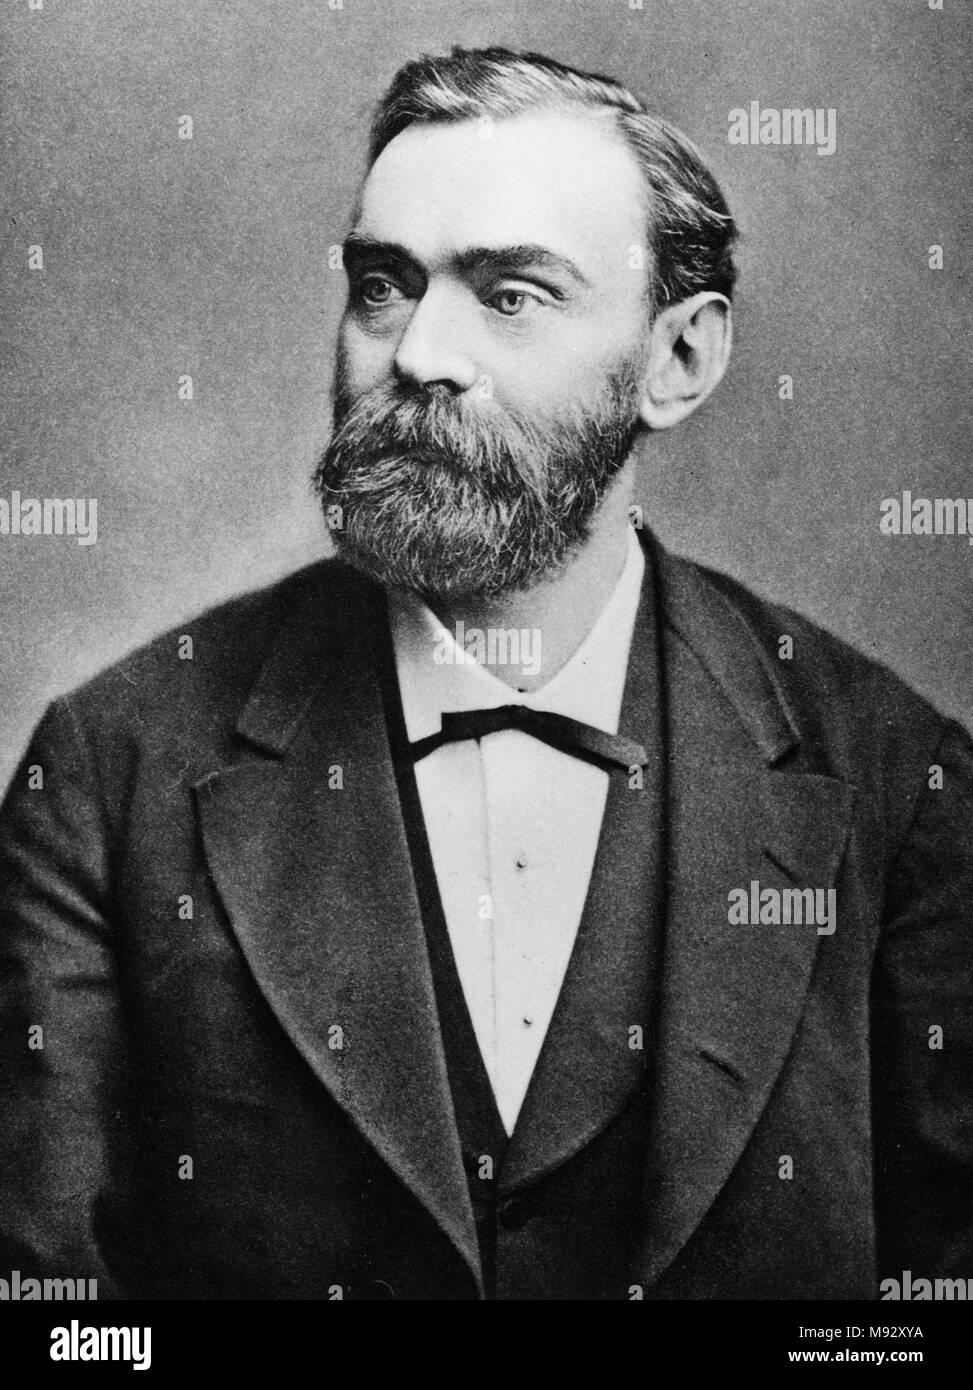 Alfred Nobel, Alfred Bernhard Nobel (1833-1896), schwedischer Chemiker, Ingenieur, Erfinder, Unternehmer und Philanthrop. Stockbild